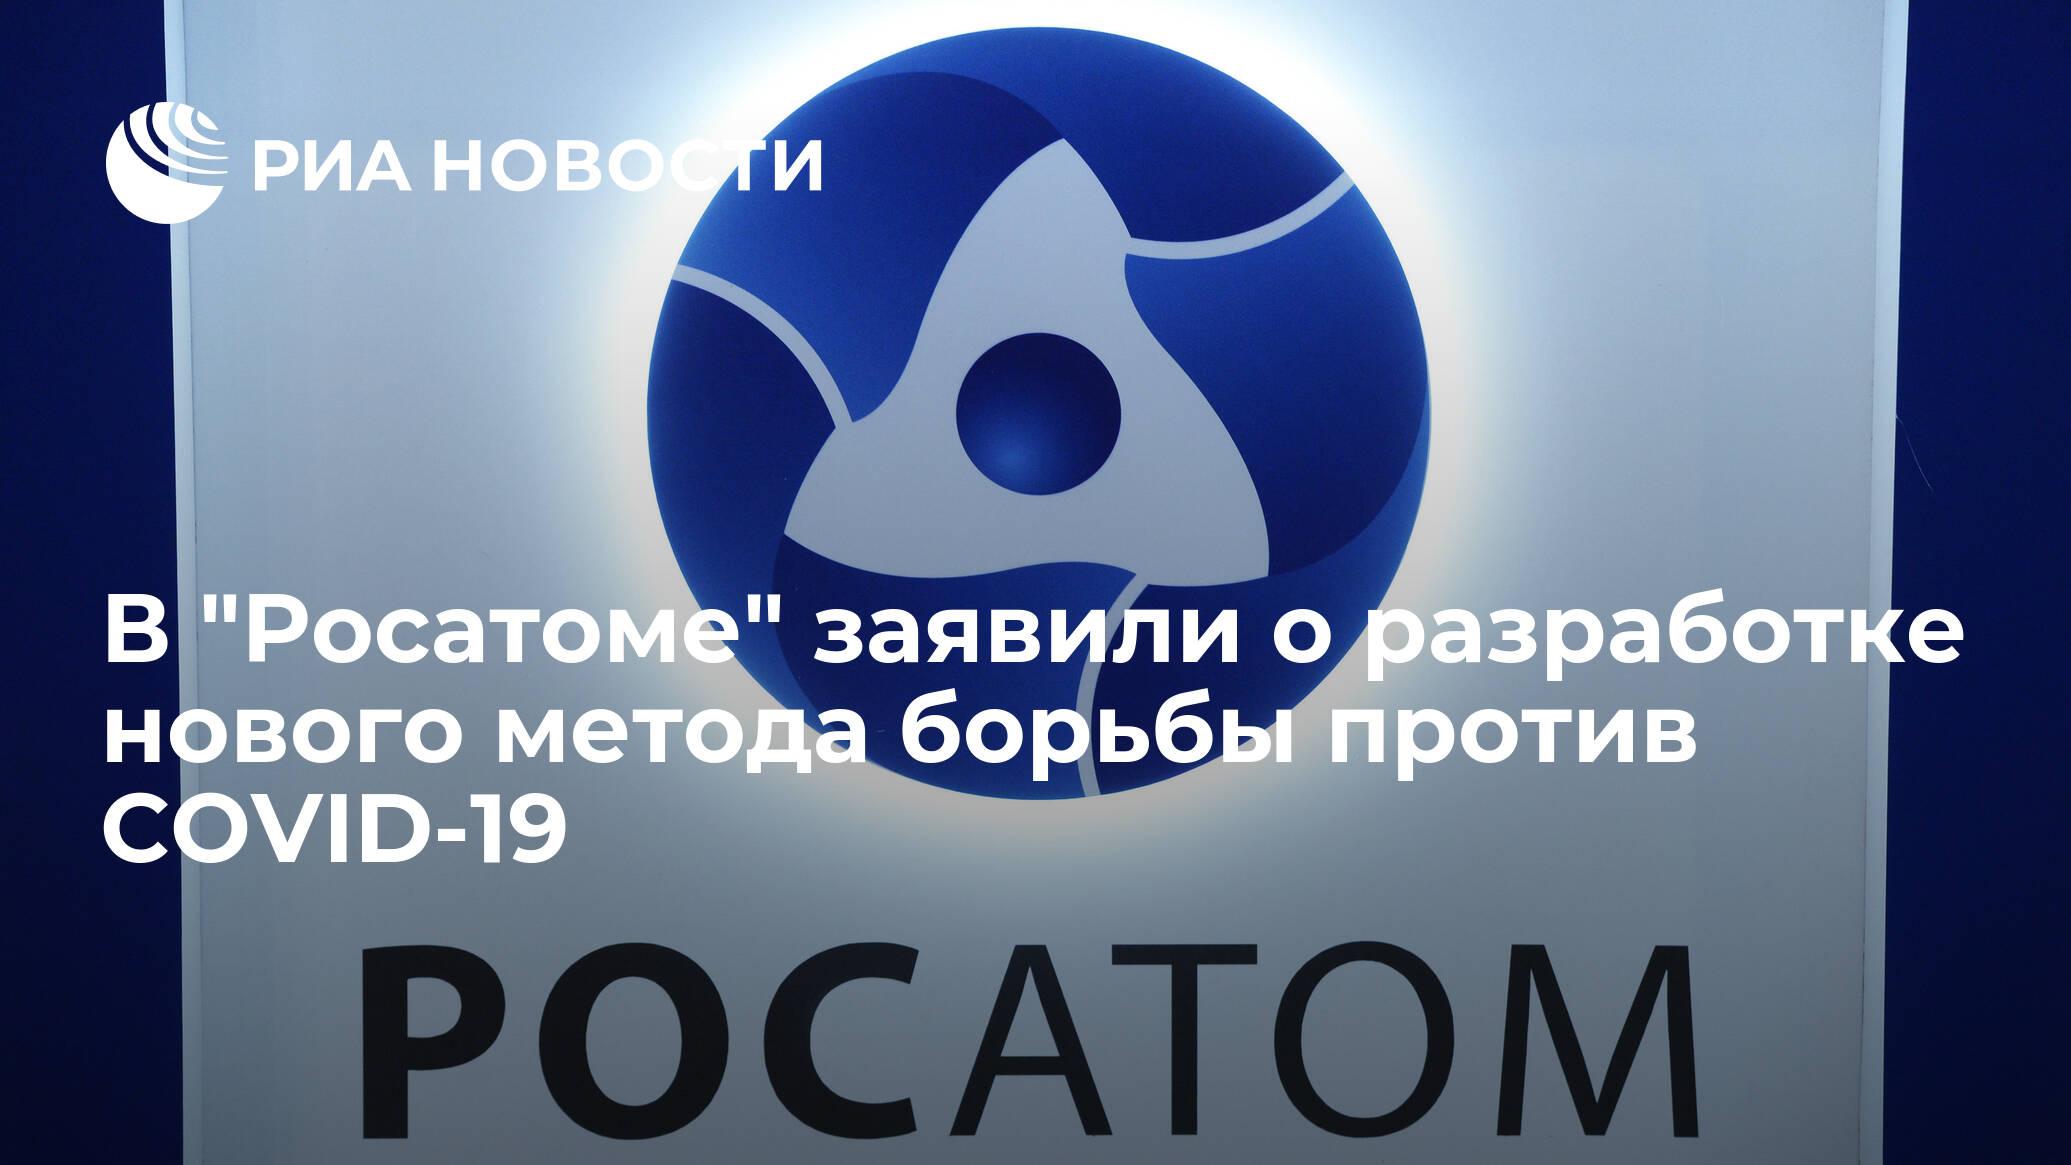 """В """"Росатоме"""" заявили о разработке нового метода борьбы против COVID-19 - РИА Новости, 02.06.2020"""